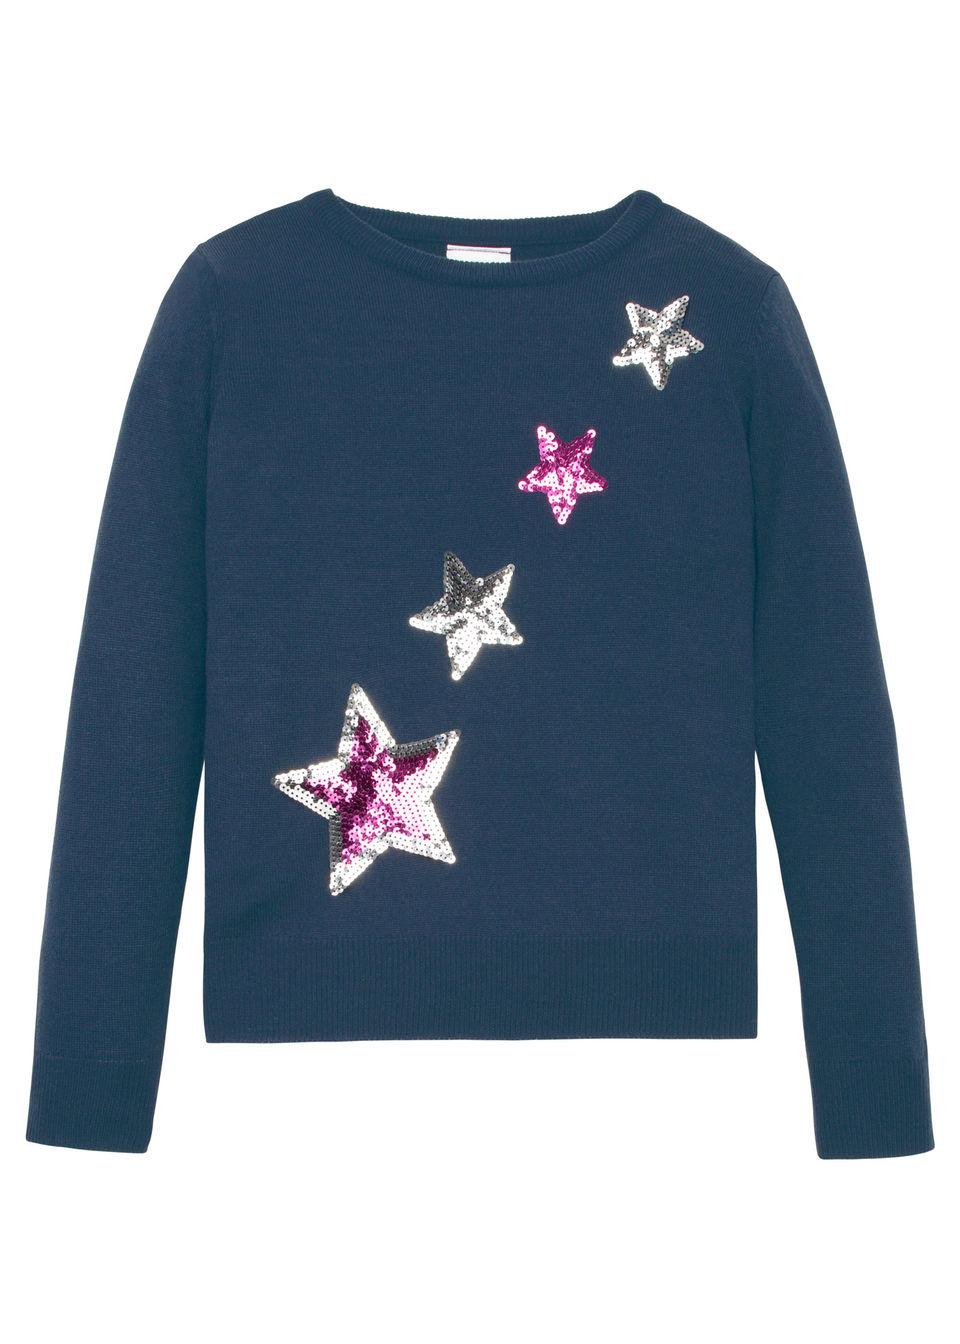 Пуловер вязаный с пайетками от bonprix